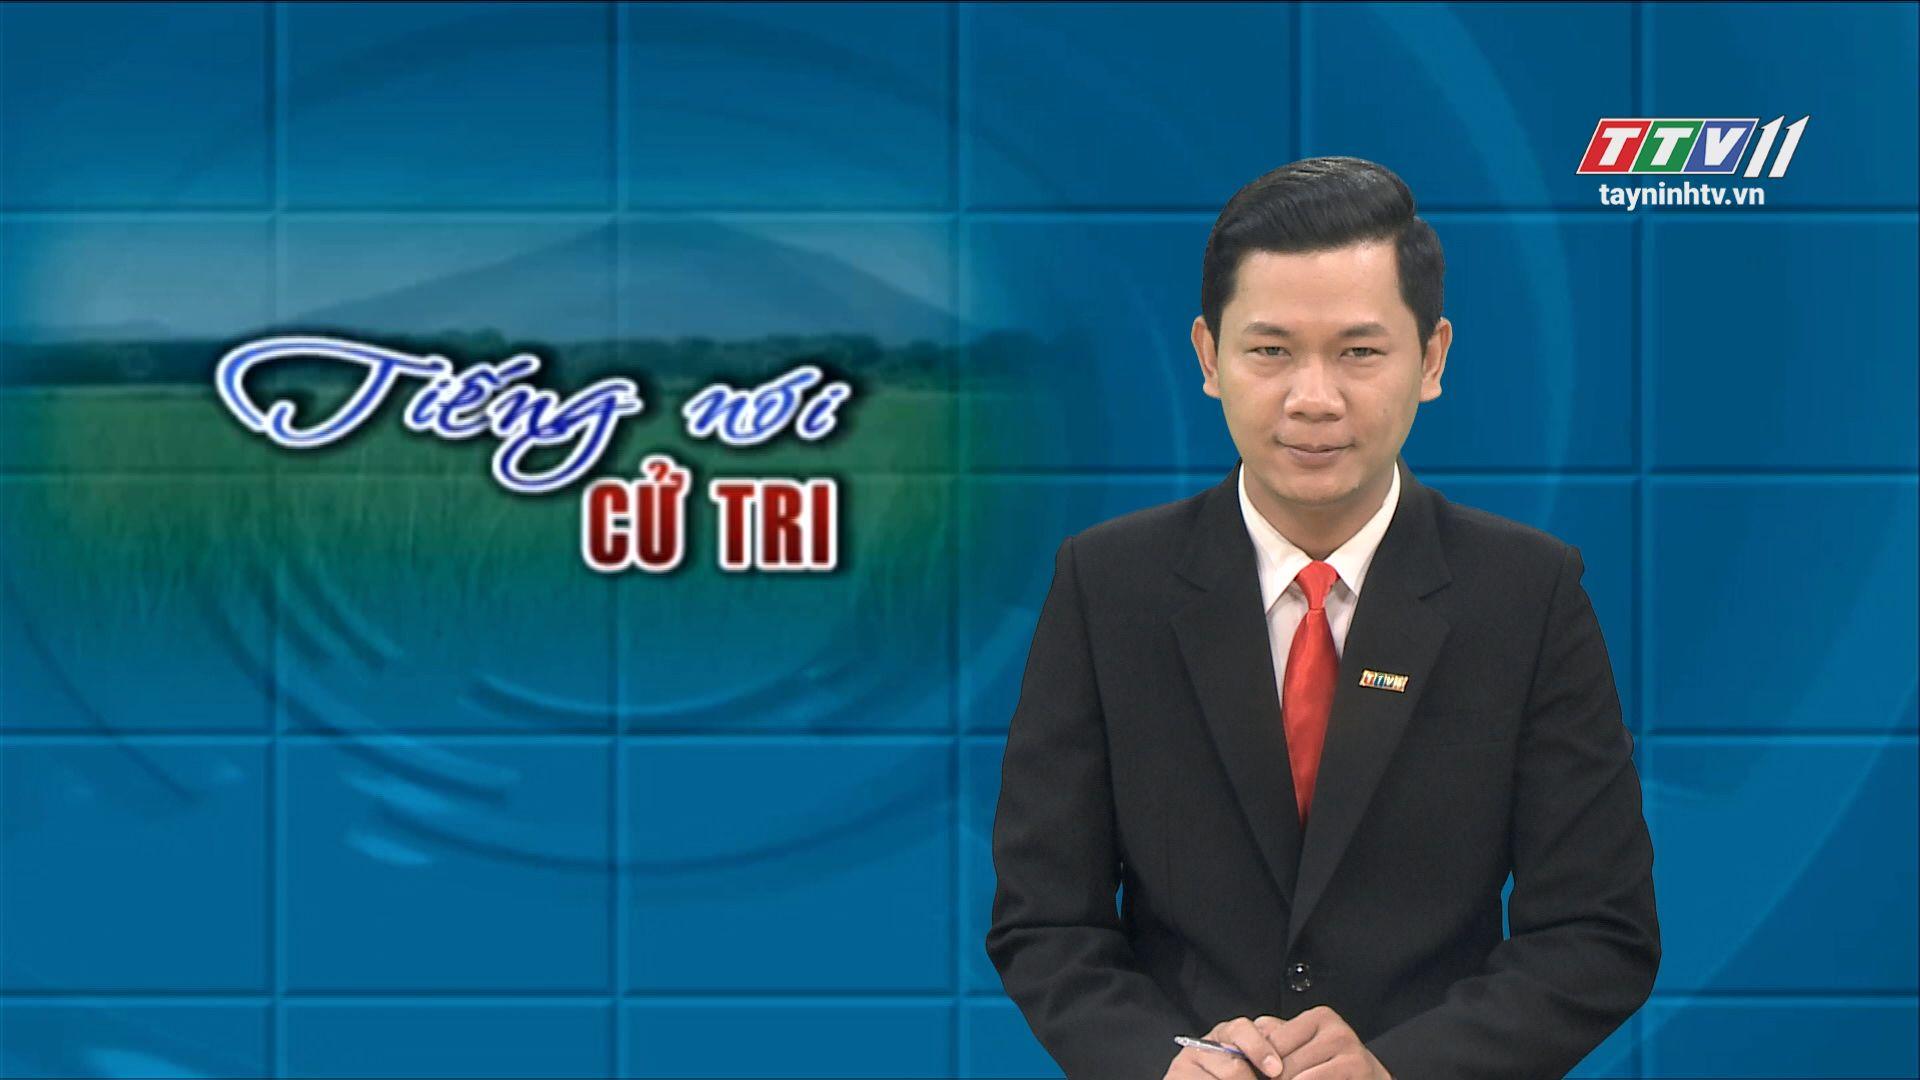 Chuyển tải giải quyết kịp thời các kiến nghị của người dân đáp ứng kỳ vọng của cử tri tỉnh nhà | TIẾNG NÓI CỬ TRI | TayNinhTV